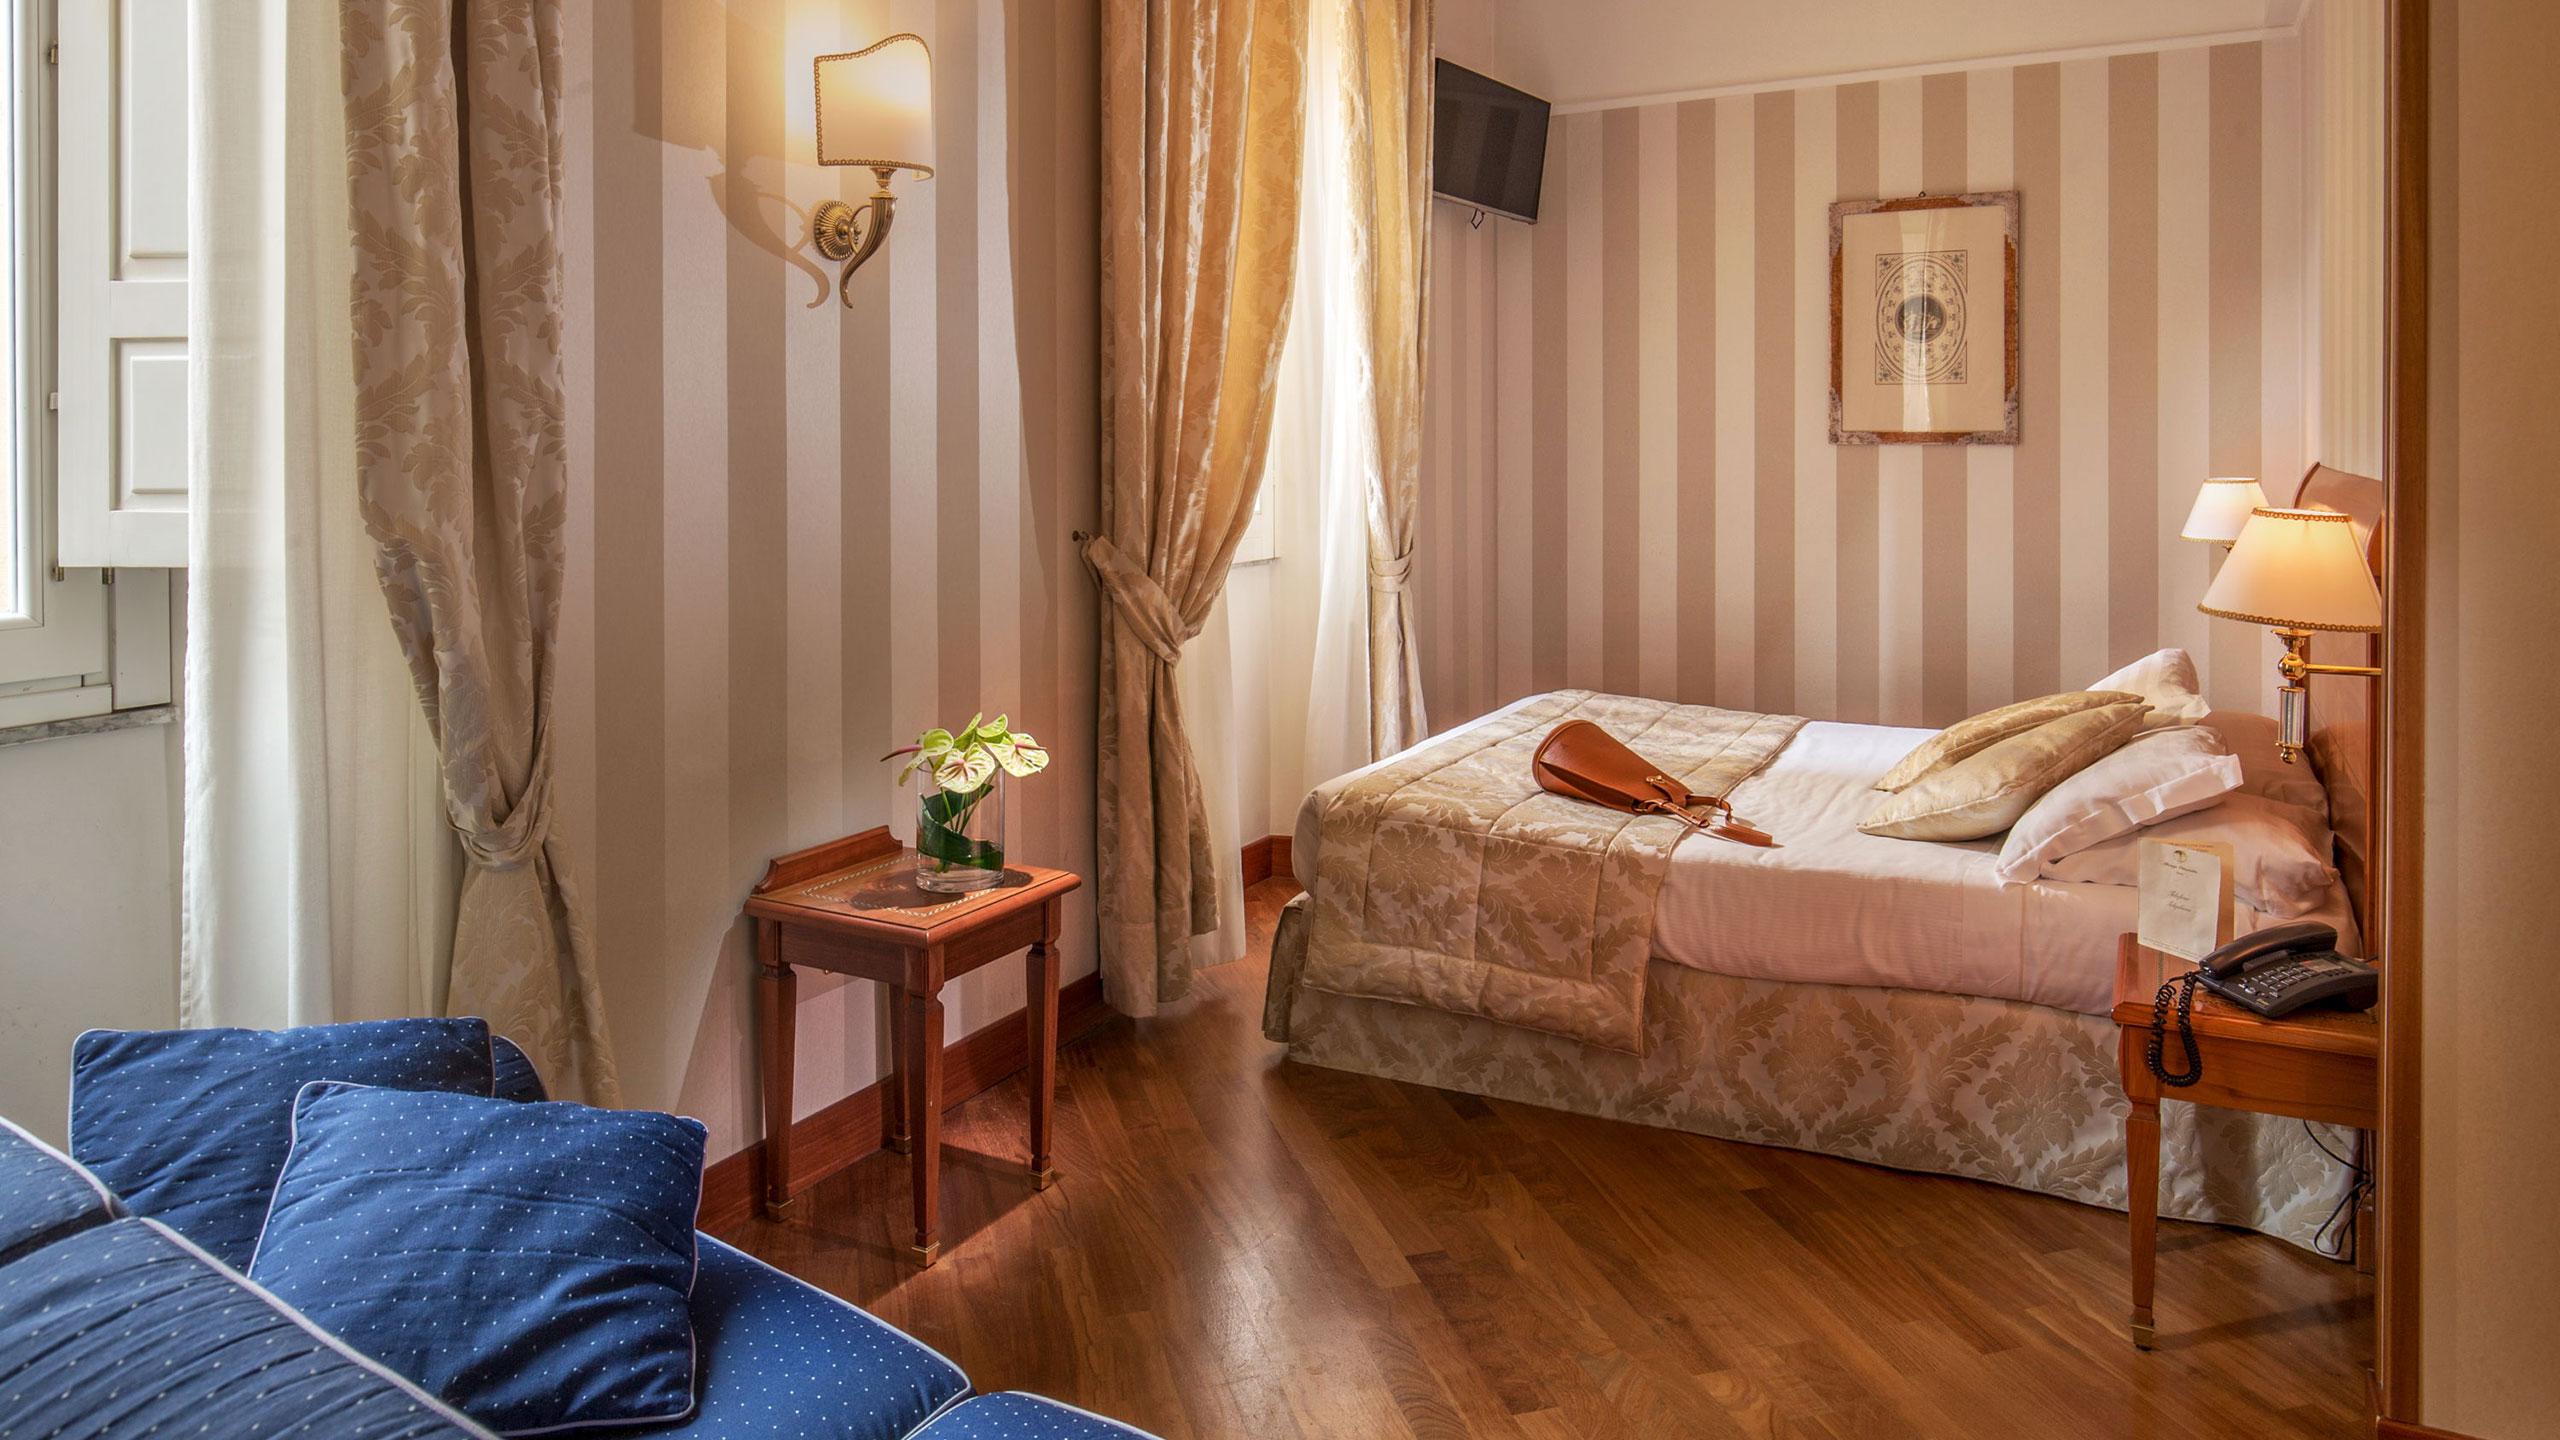 albergo-ottocento-roma-tripla-deluxe-10